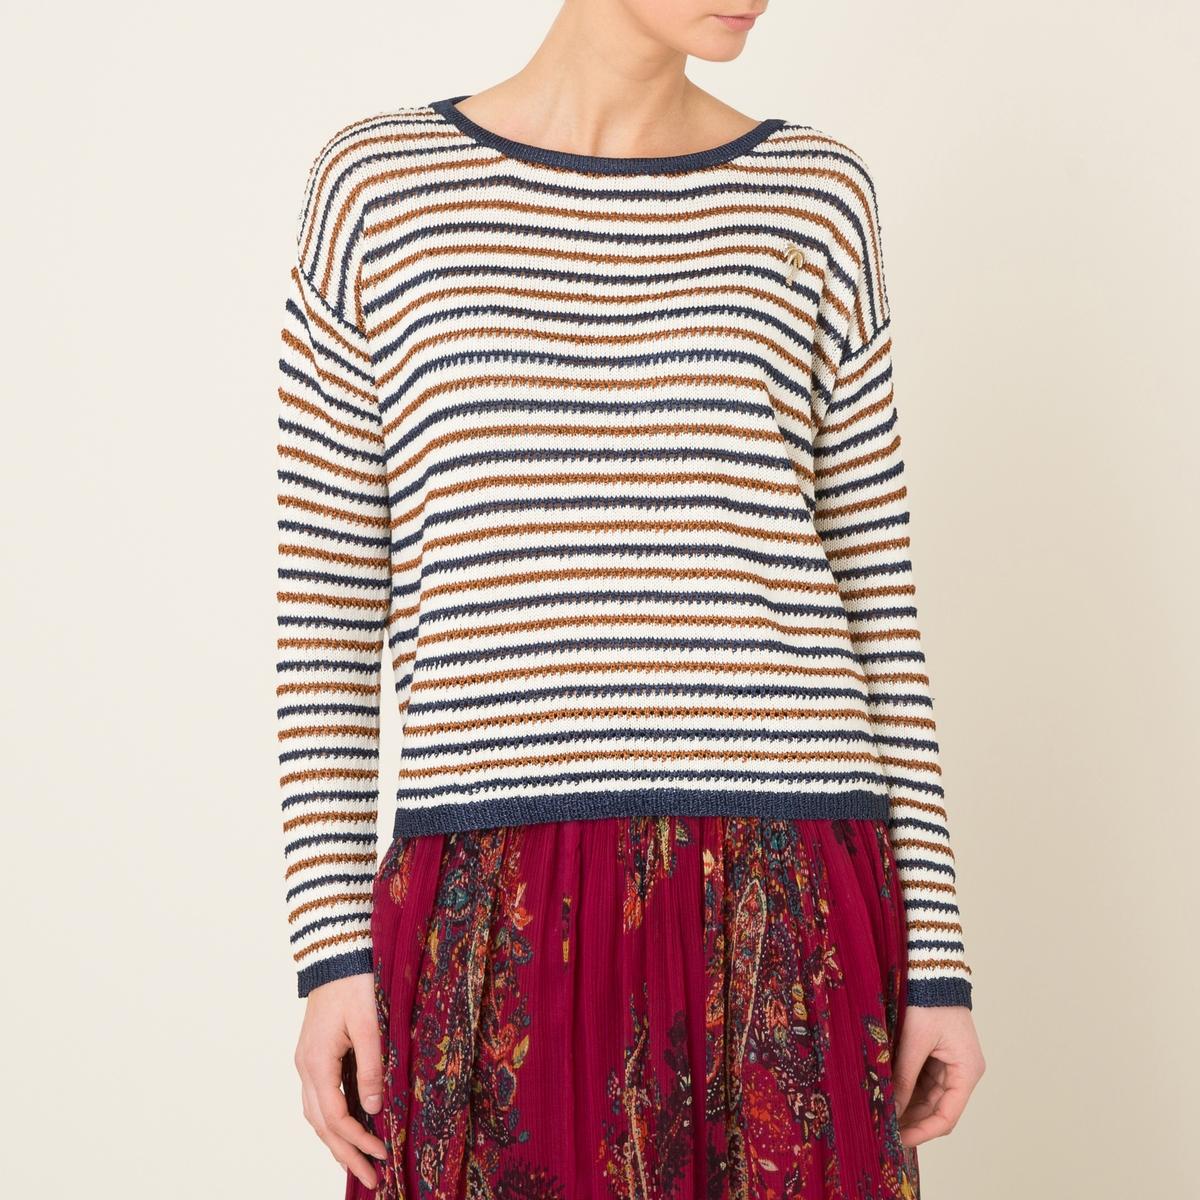 Пуловер ажурный в полоскуСостав и описание    Материал : 60% хлопка, 40% полиэстера   Марка : MAISON SCOTCH<br><br>Цвет: разноцветный